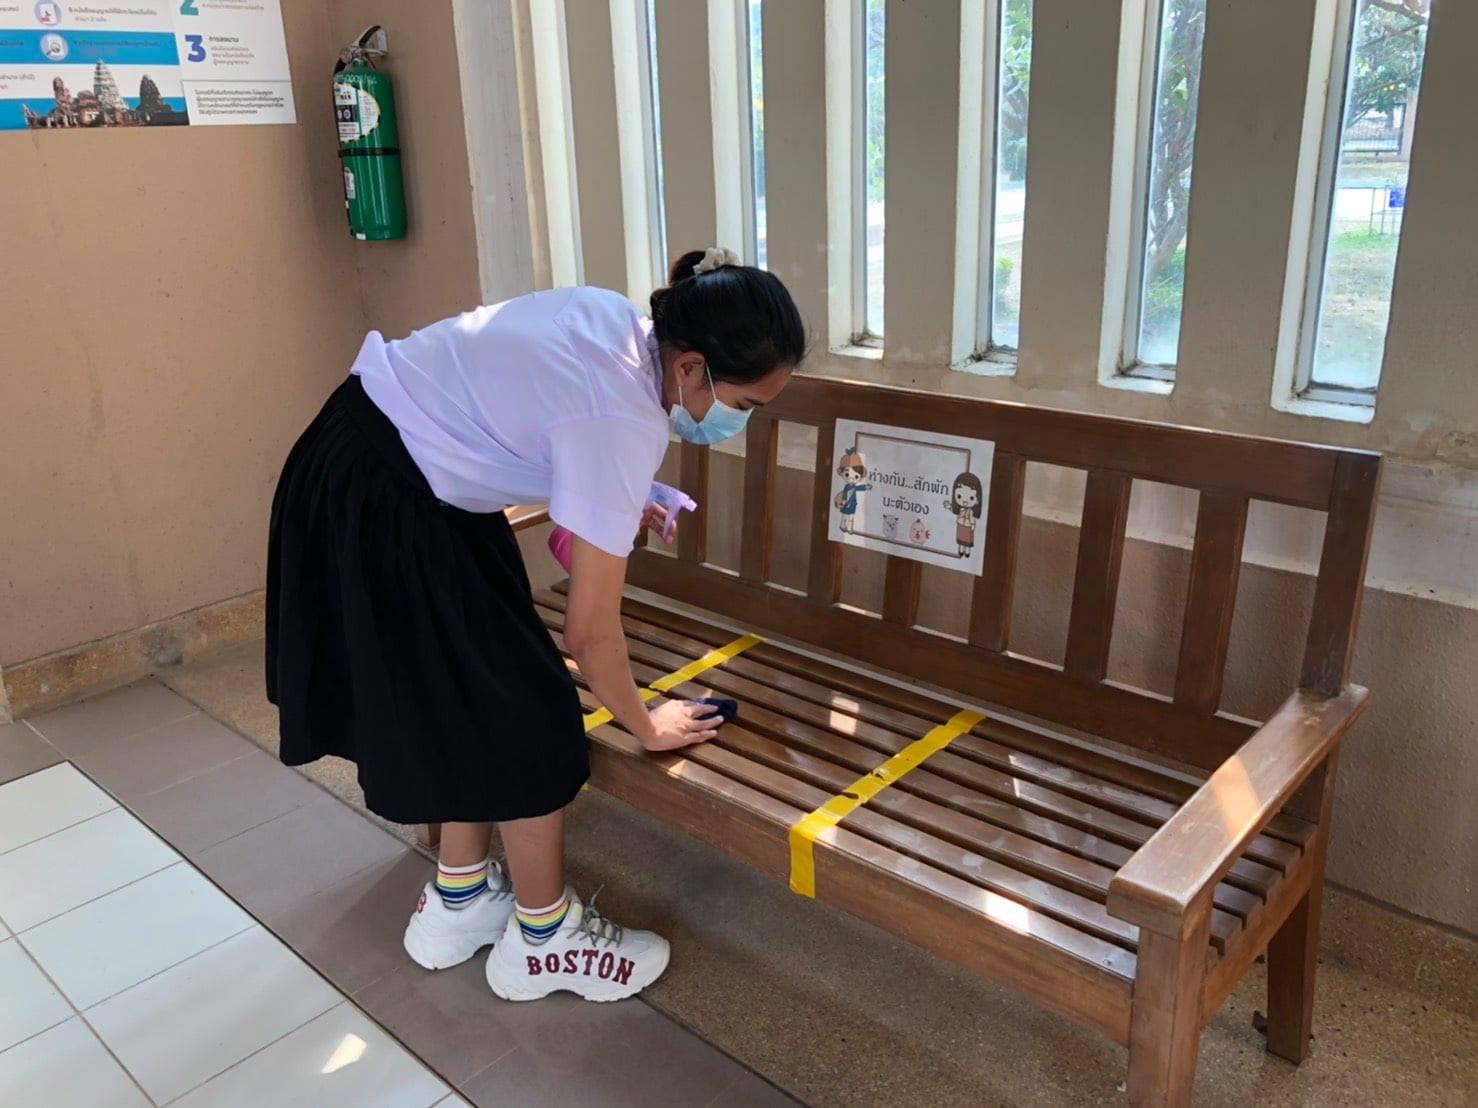 กิจกรรม   Big Cleaning Day   ประจำวันอาทิตย์ที่ ๒๑ มีนาคม ๒๕๖๔